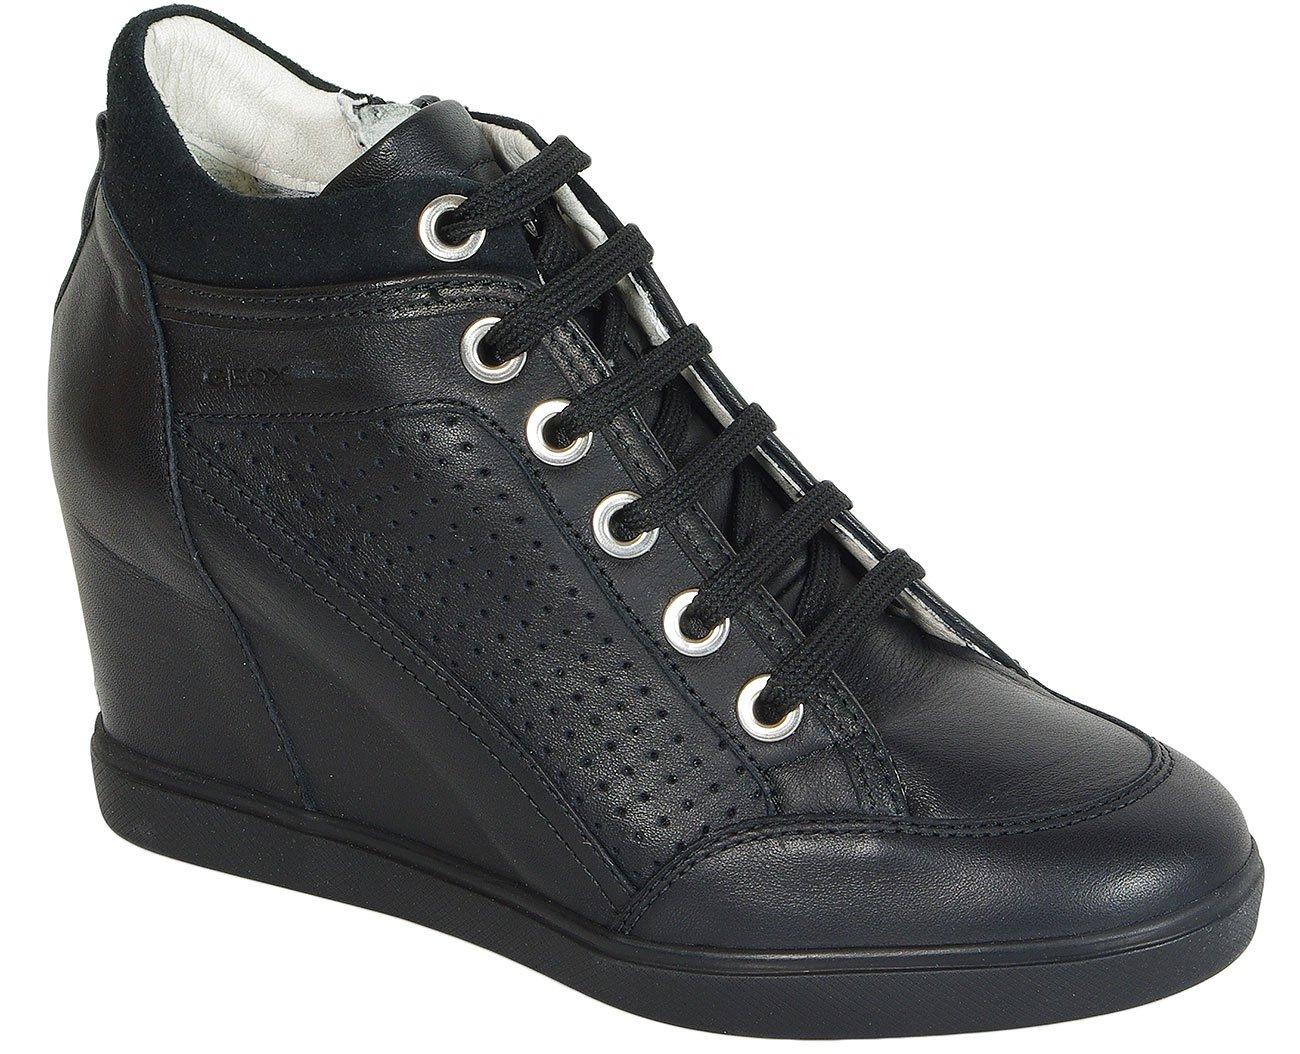 GEOX Eleni C Nappa Black sneakers